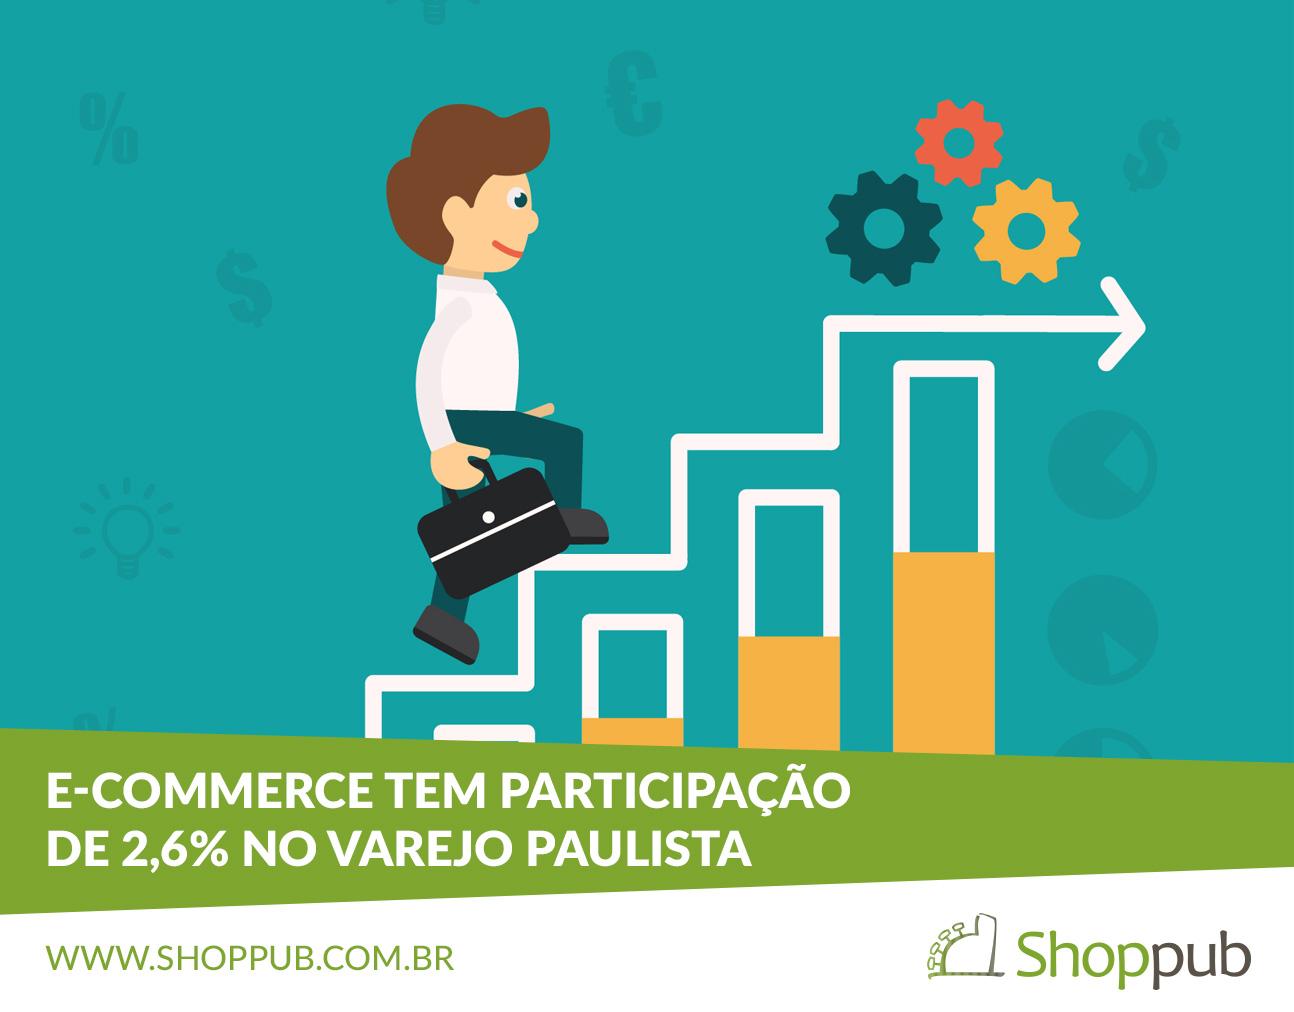 E-commerce tem participação de 2,6% no varejo paulista